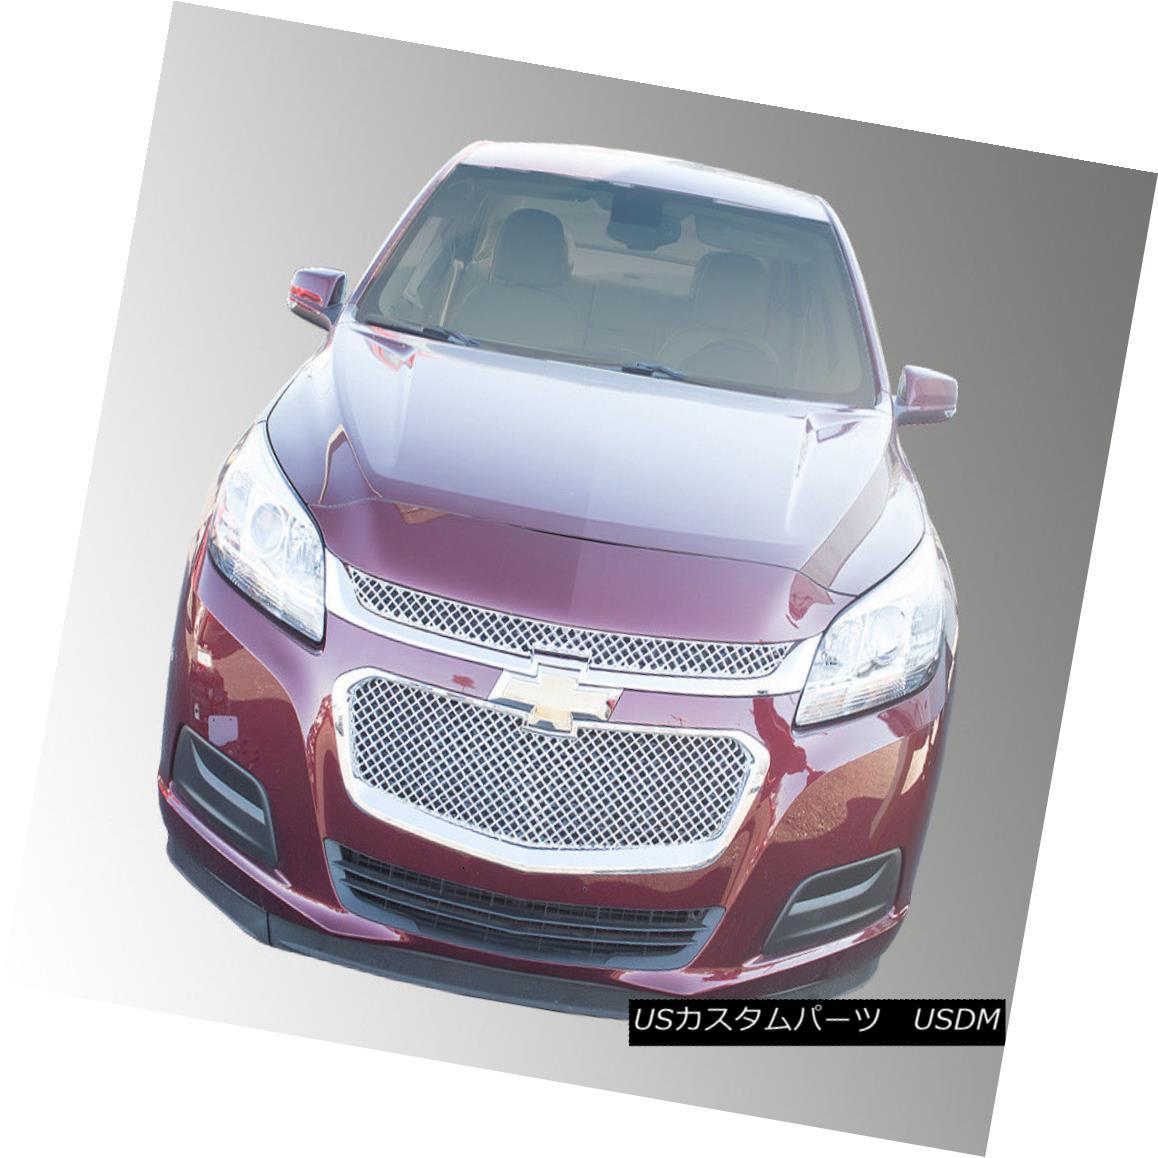 グリル ABS452 SES Trims - 2-Pc Chrome Mesh Main Grille fits 14-15 Chevy Malibu ABS452 SESトリム - 2-Pcクロムメッシュメイングリル14-15シェビーマリブに適合